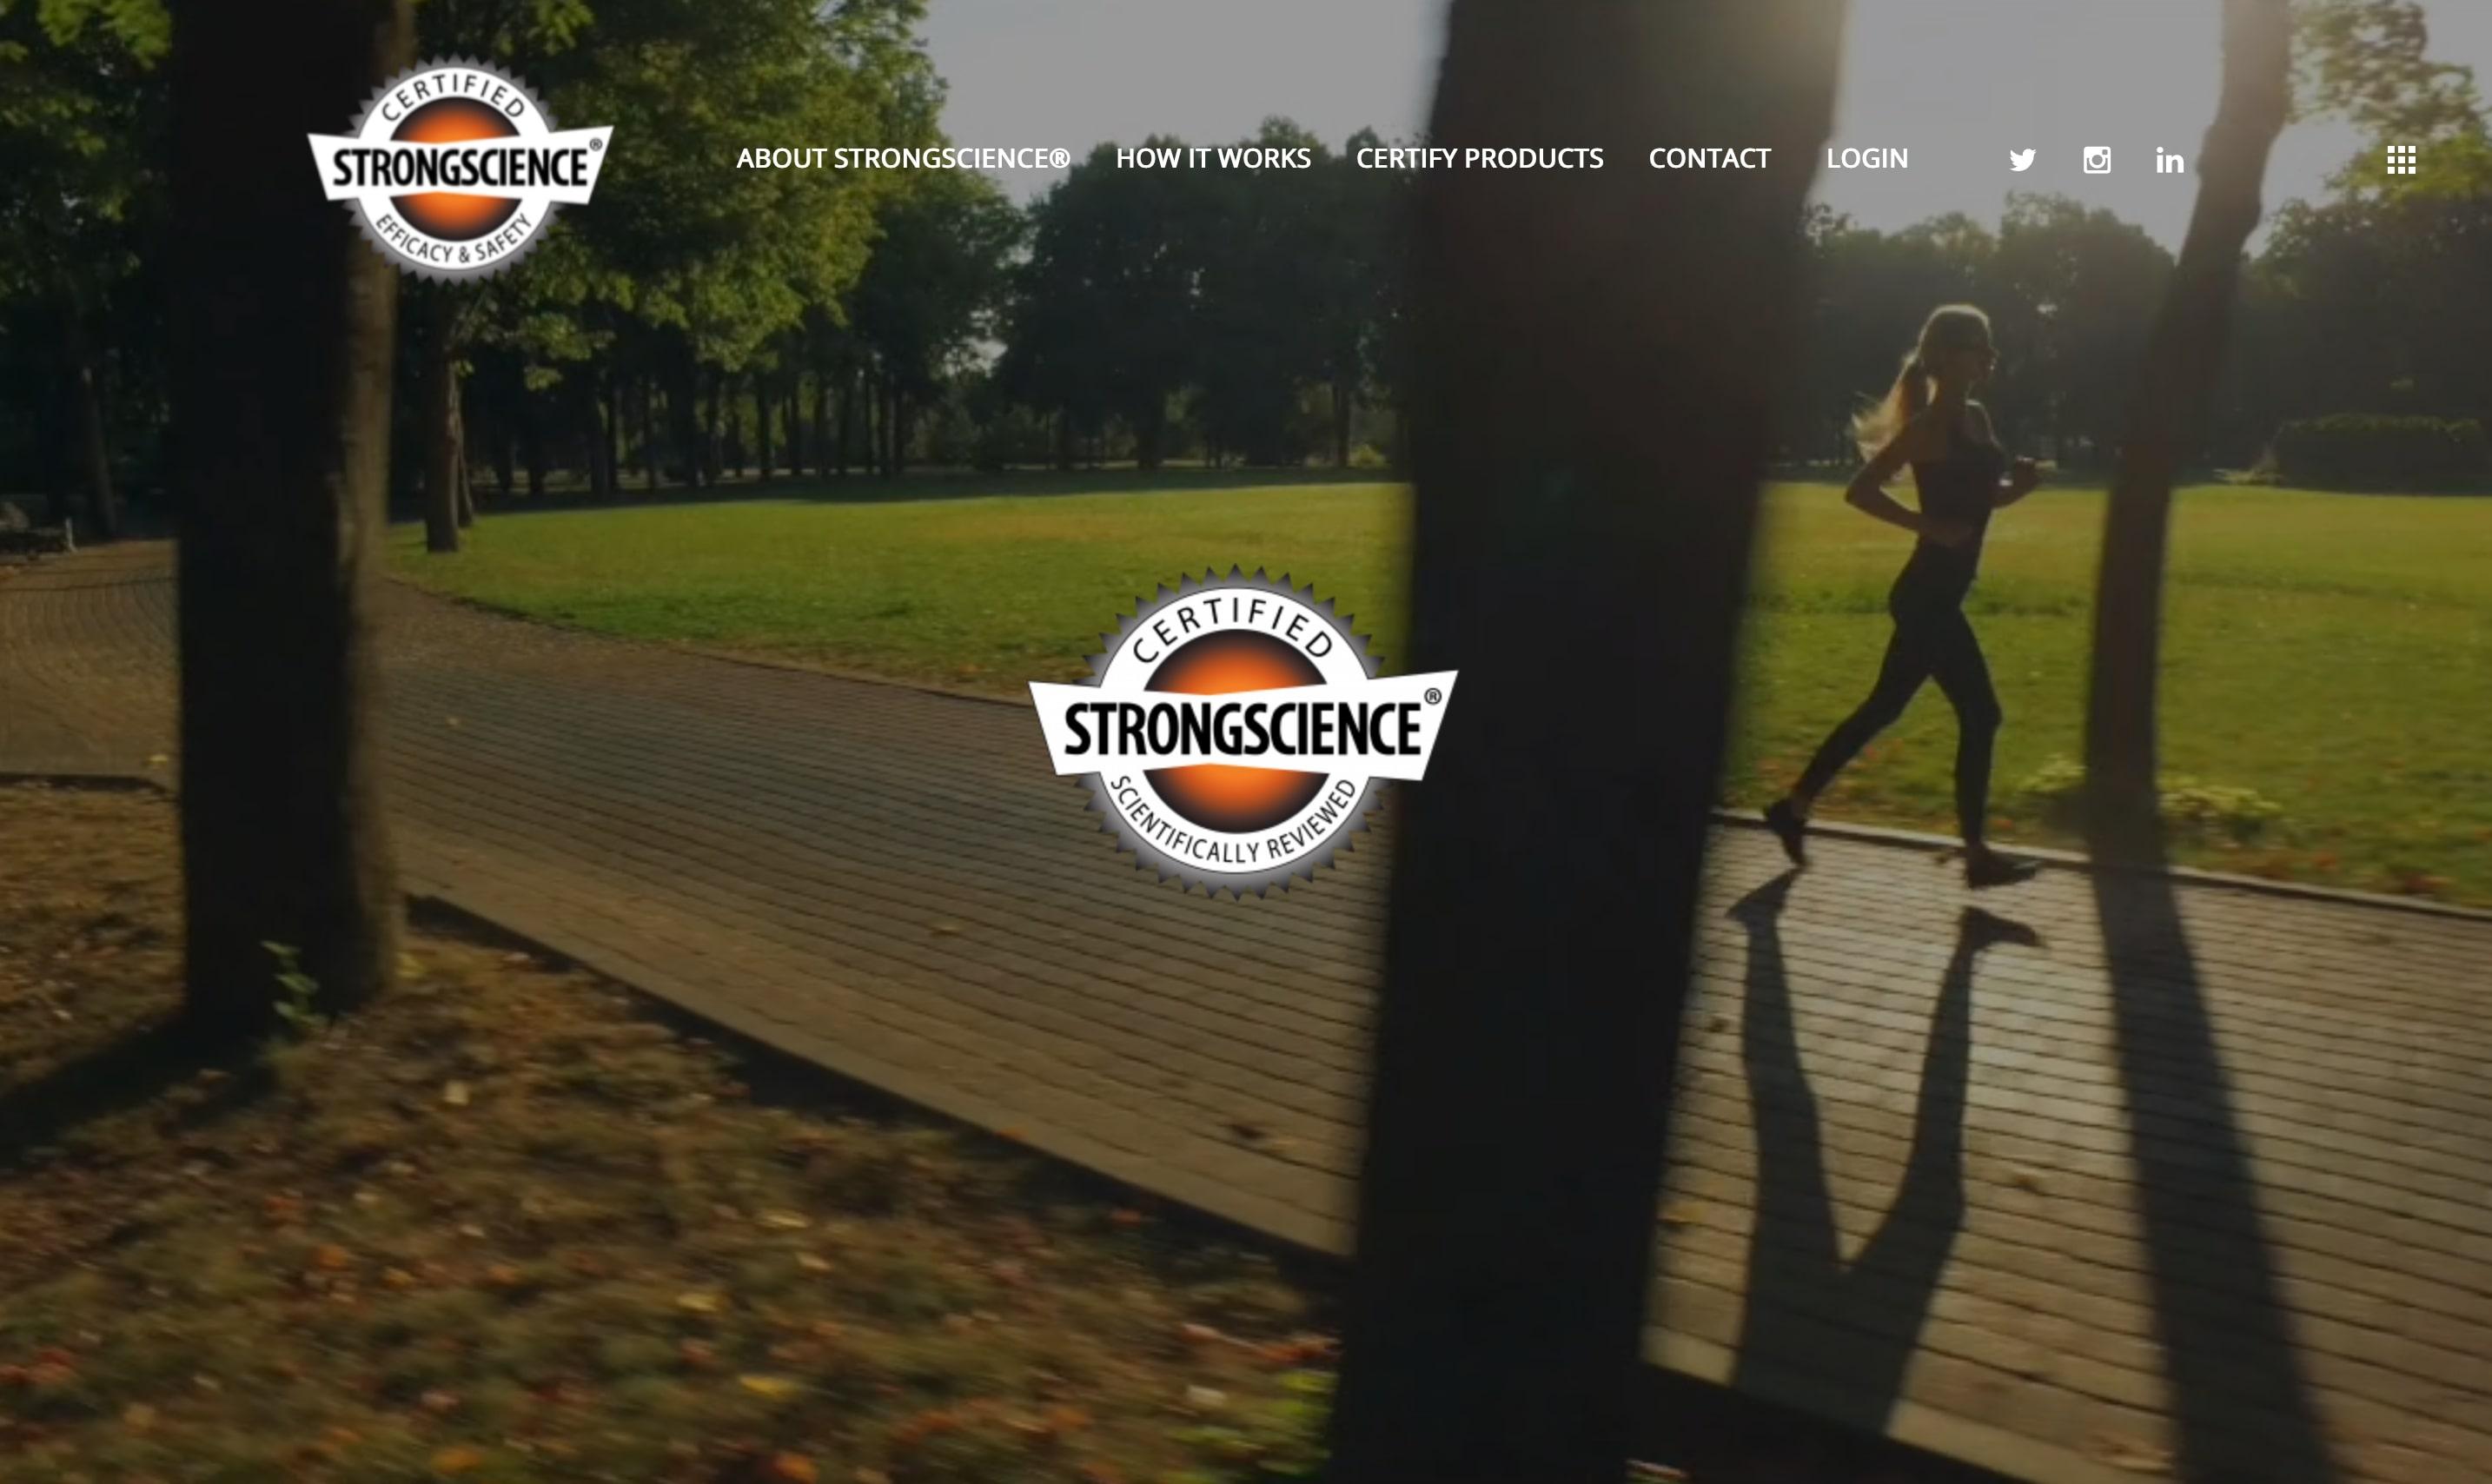 https://poweru360.com/wp-content/uploads/2019/08/StrongSci_website.jpg